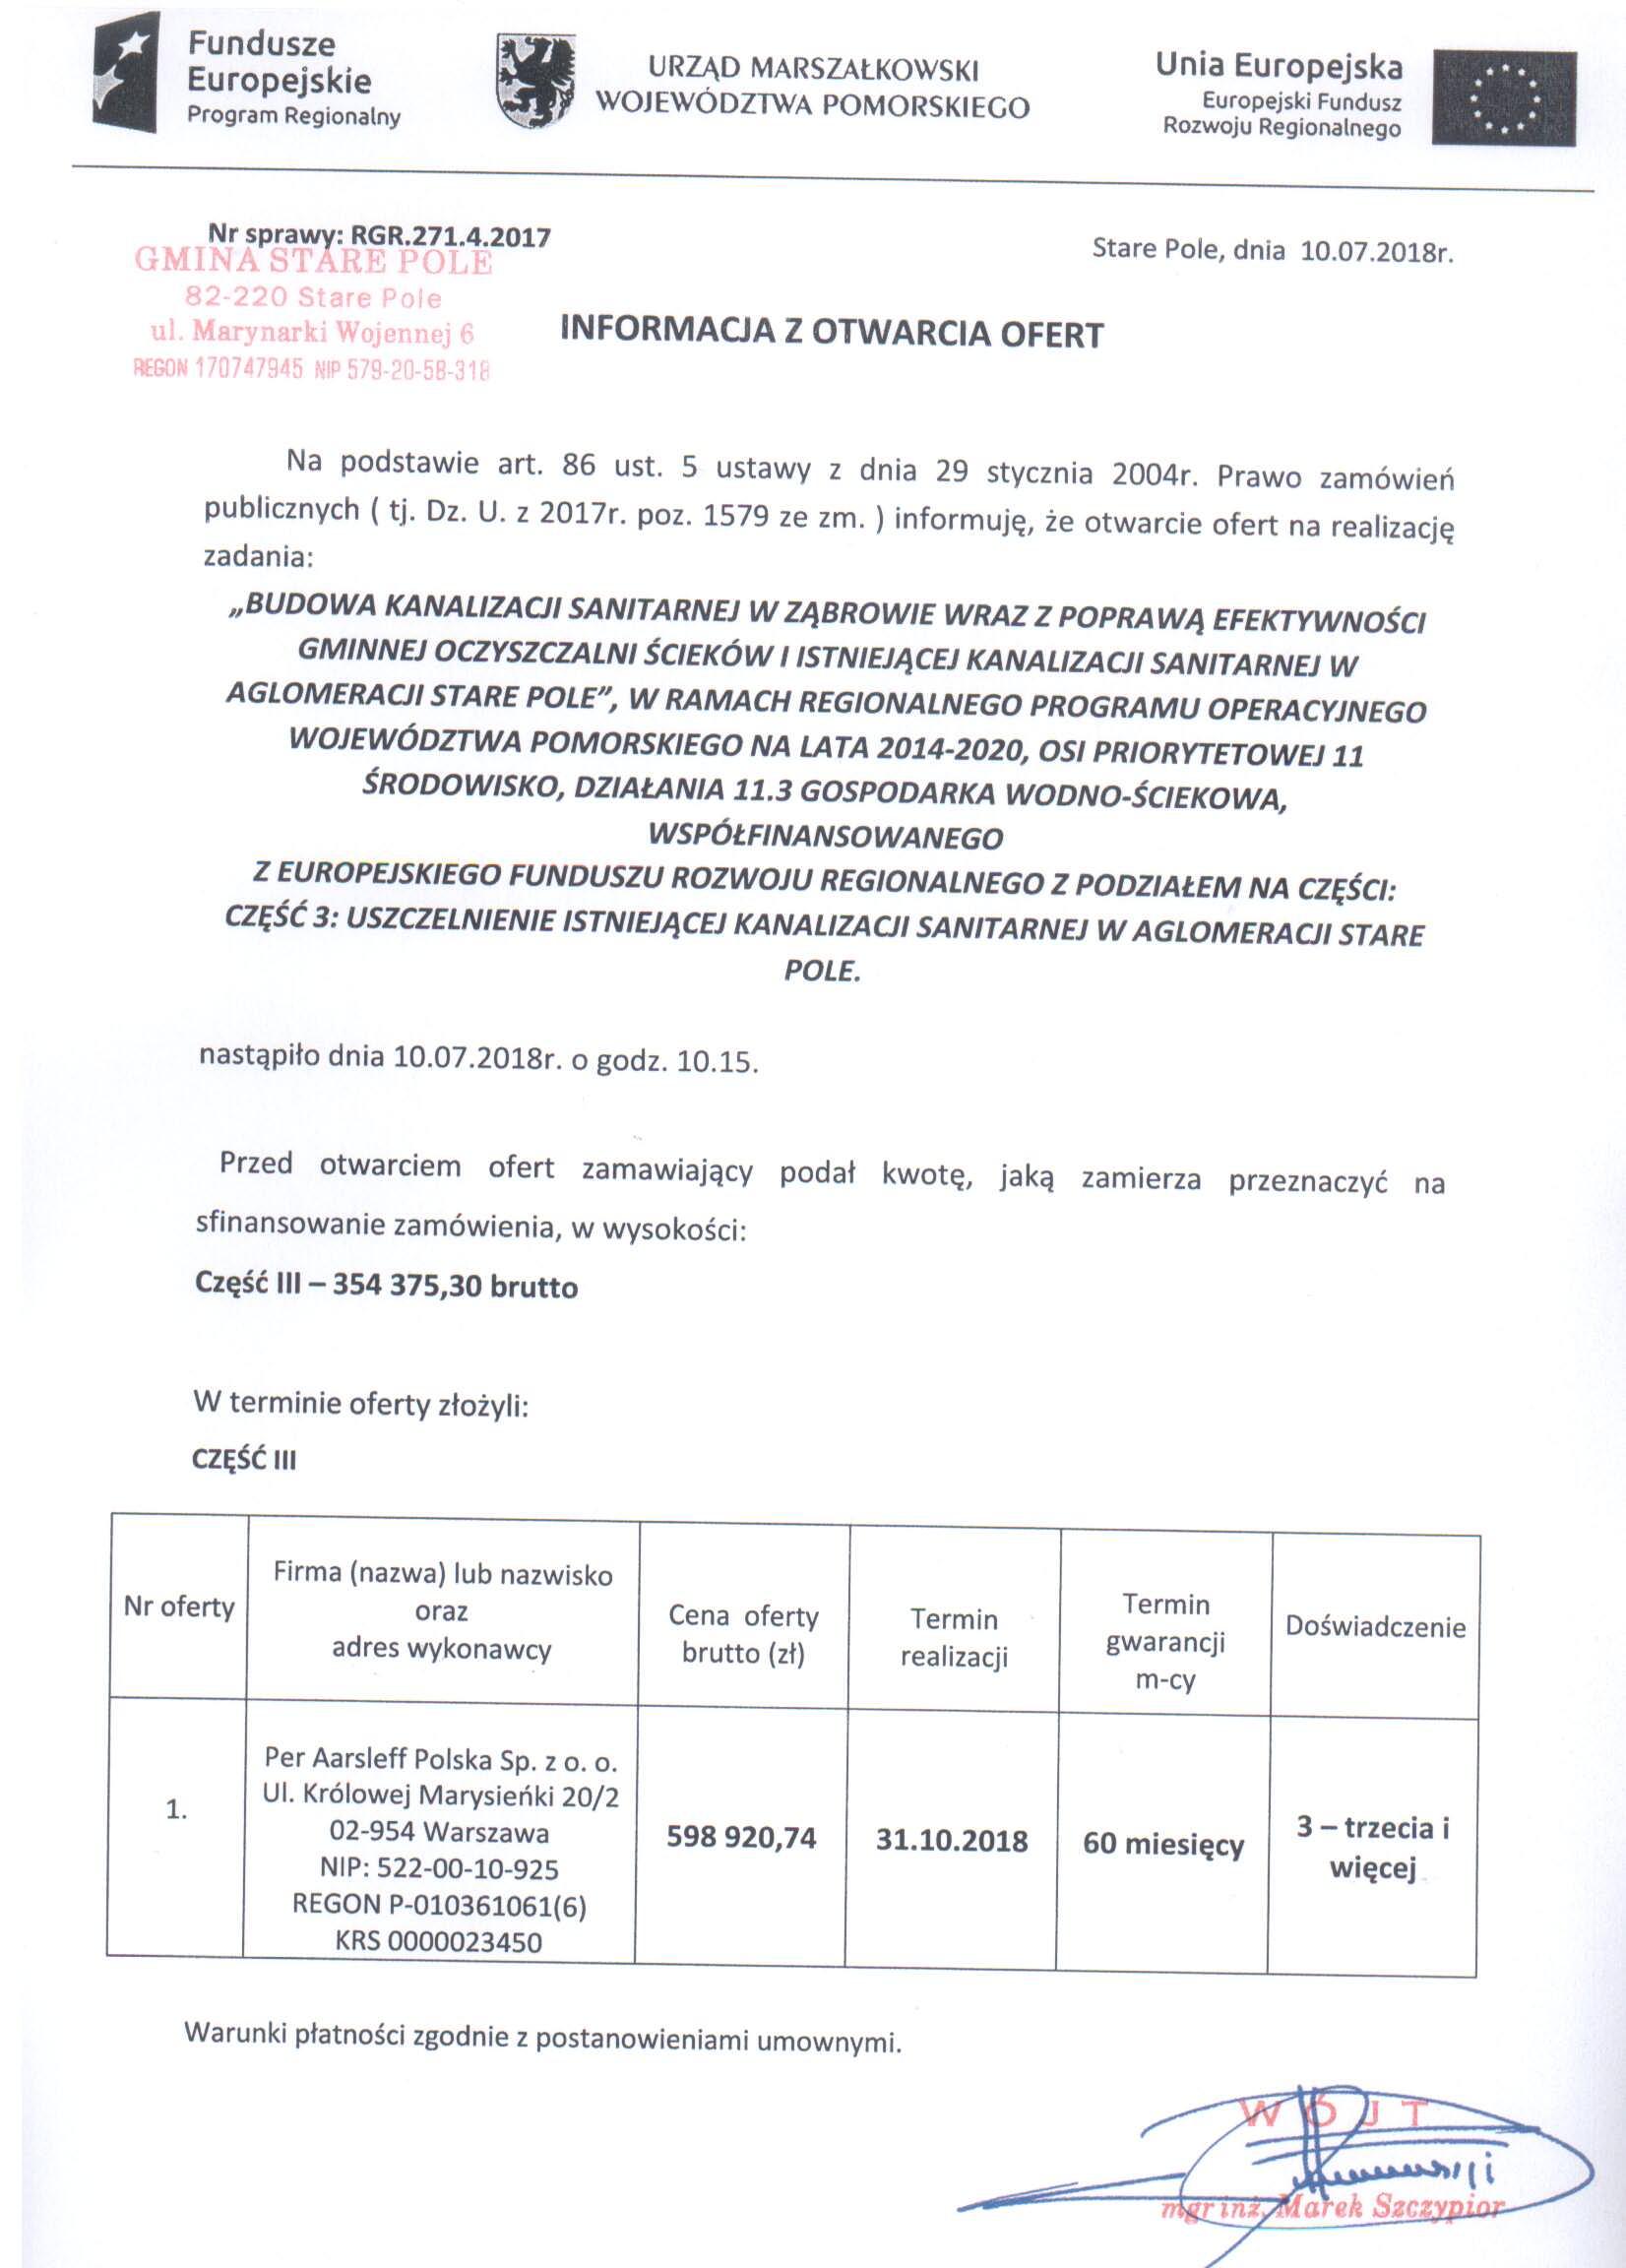 Informacja z dnia 10 lipca 2018 r. z otwarcia ofert